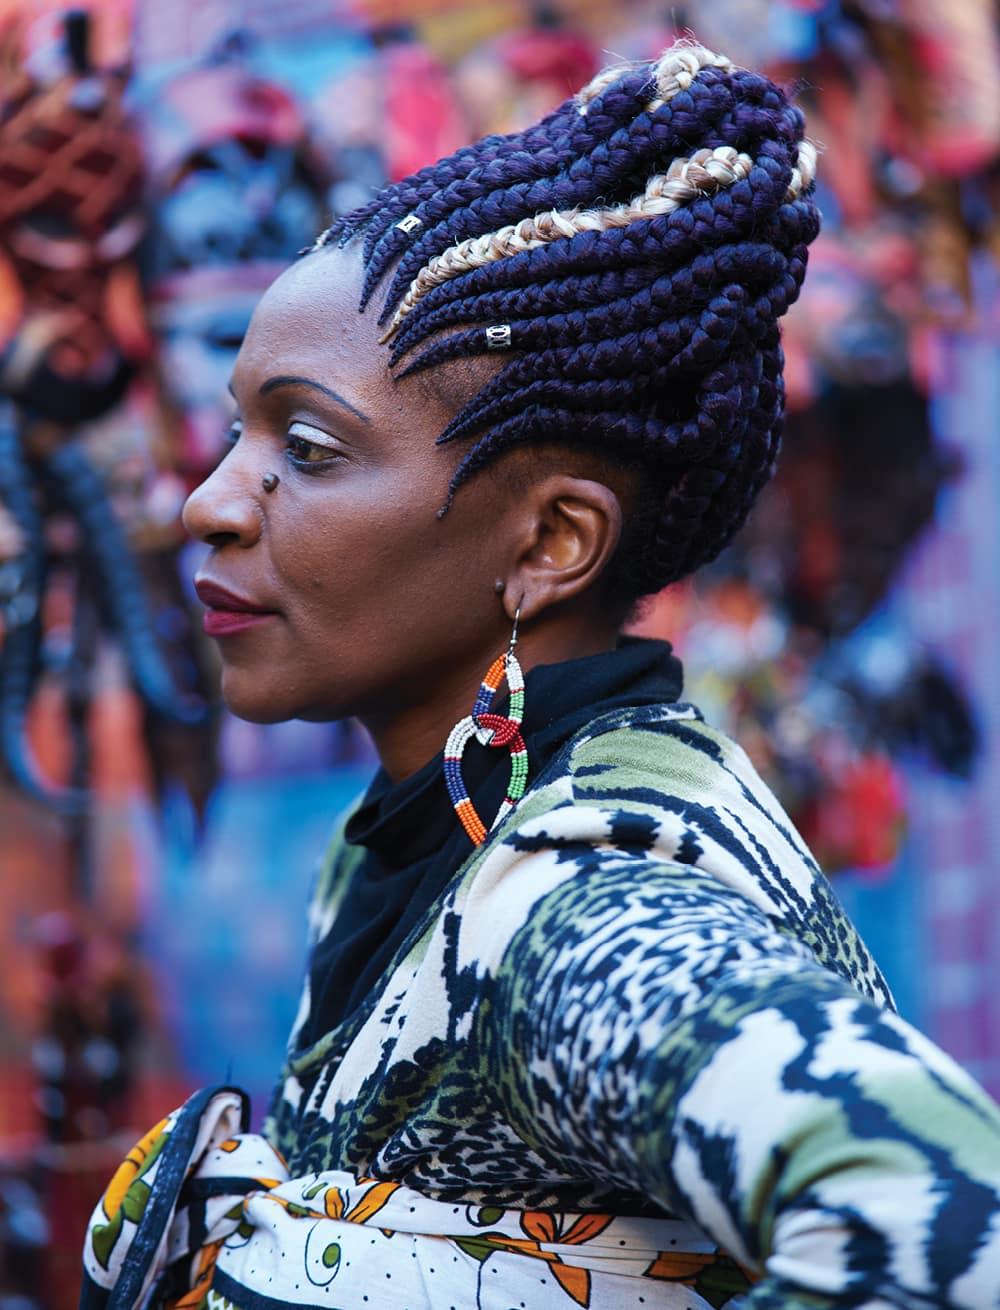 남아공의 케이프타운 플리마켓에서 장사하는 여자다. 헤어 스타일이 멋있어서 사진을 찍으려고 하니 사진 찍는 대신 물건을 사달라고 해서 샀다. 아프리카에서 만난 사람 중 가장 화려한 여자였다.